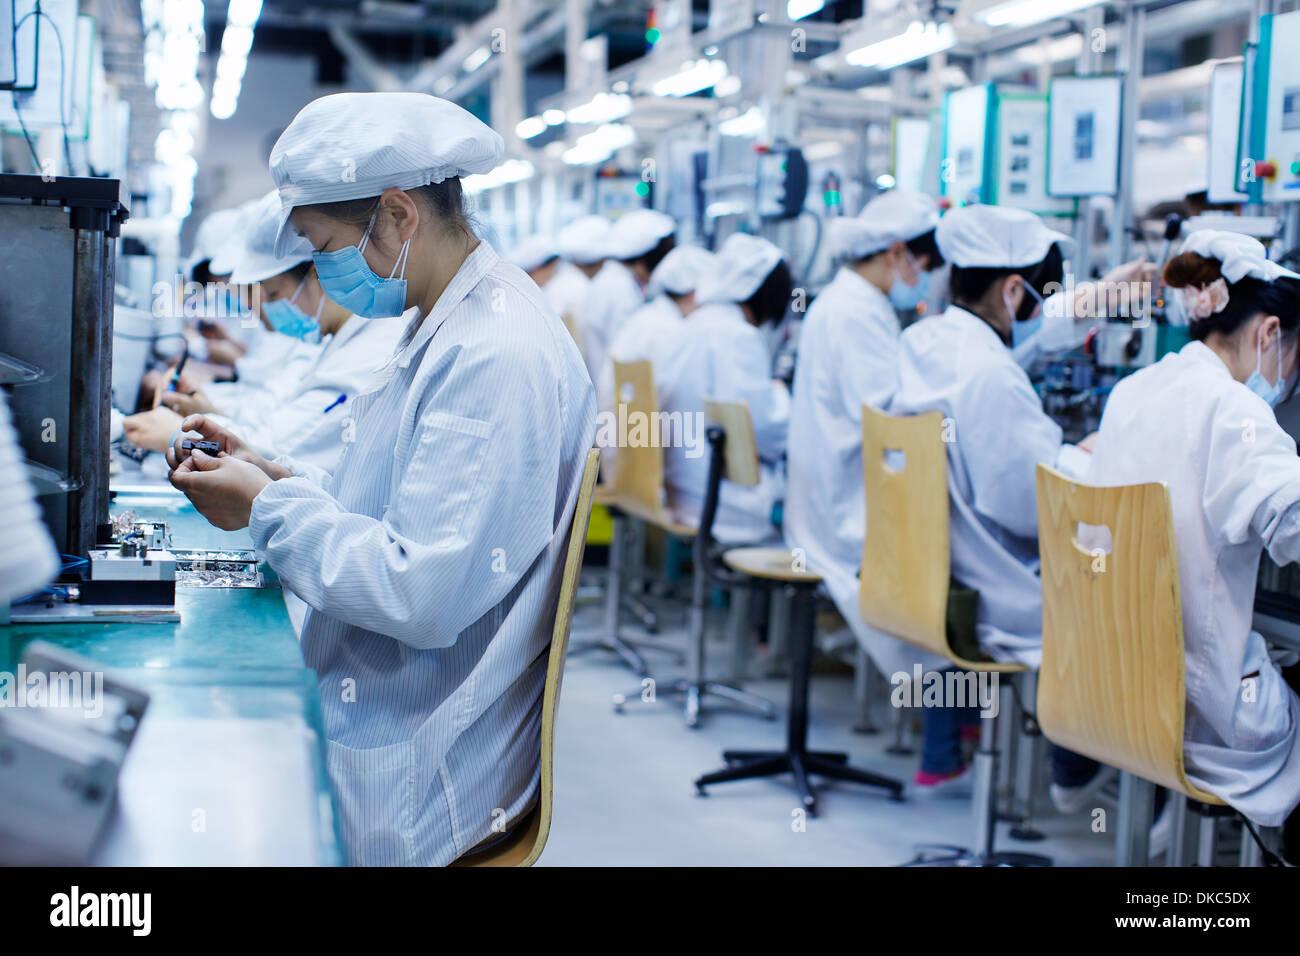 Gruppo di lavoratori di produzione di piccole parti fabbrica in Cina, indossare indumenti protettivi, cappelli e maschere Immagini Stock